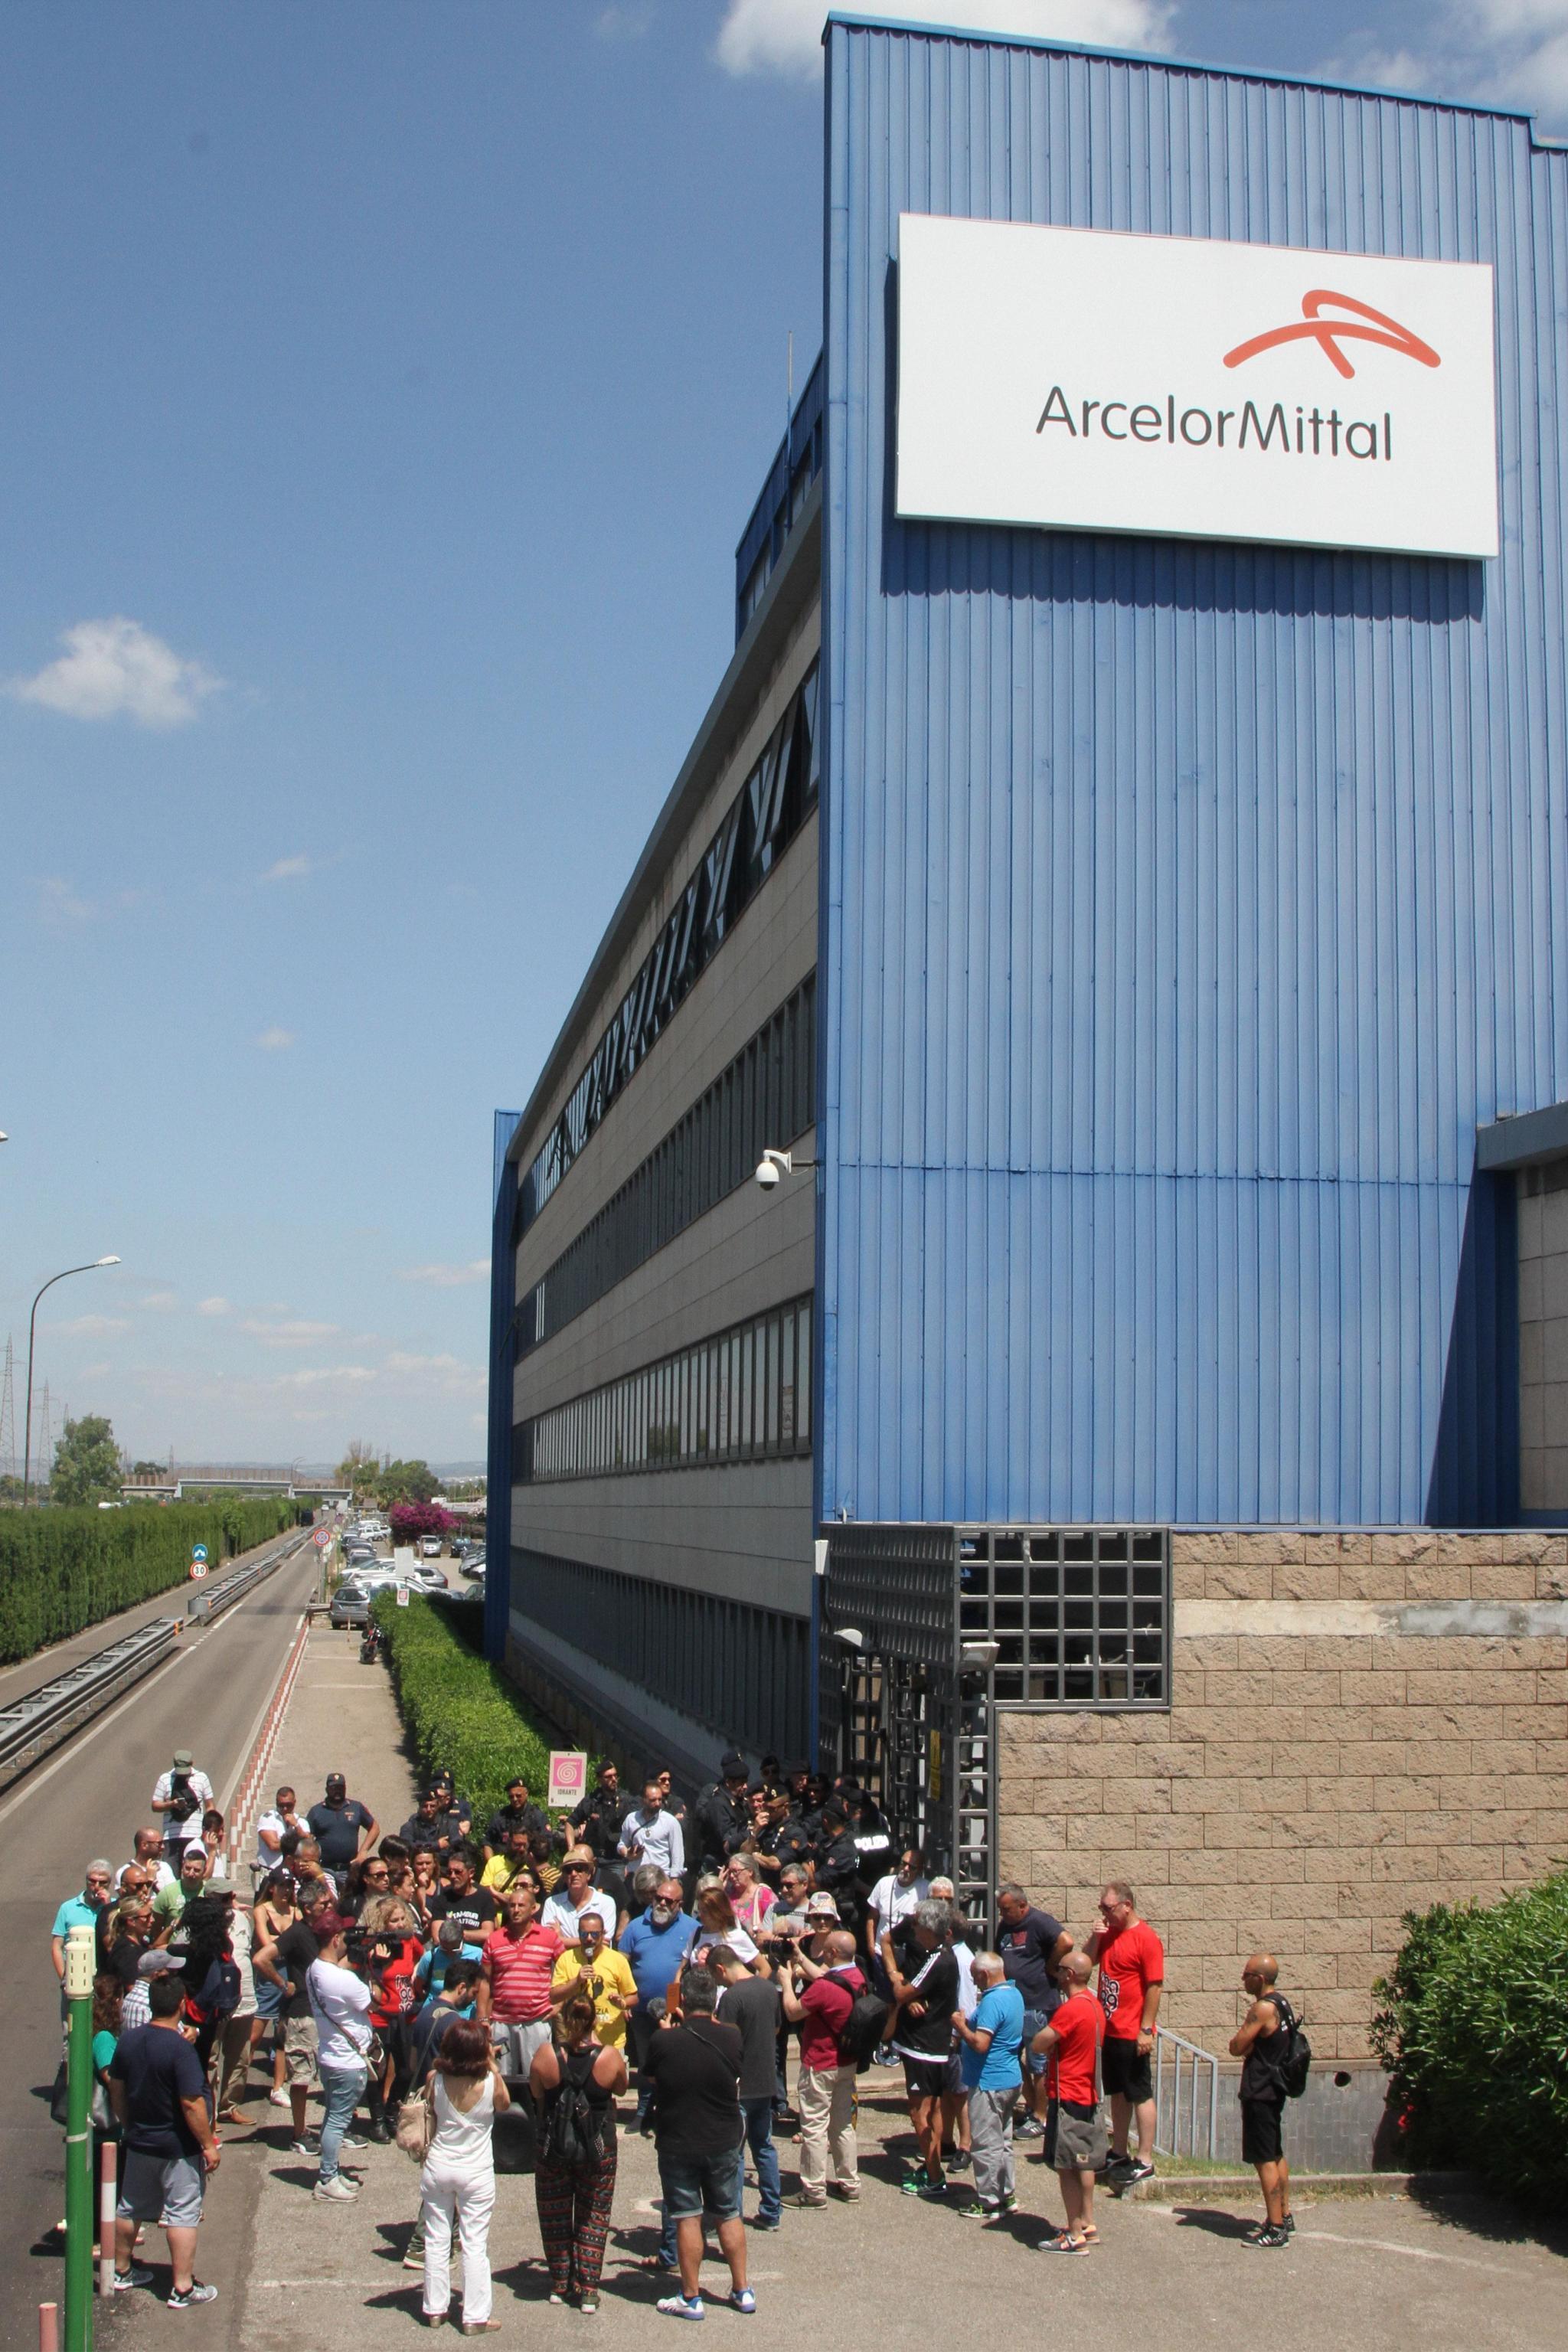 La manifestazione di protesta delle associazioni ambientaliste tarantine contro le politiche del Governo davanti alla sede della Arcelor Mittal, Taranto, 24 giugno 2019. ANSA/RENATO INGENITO